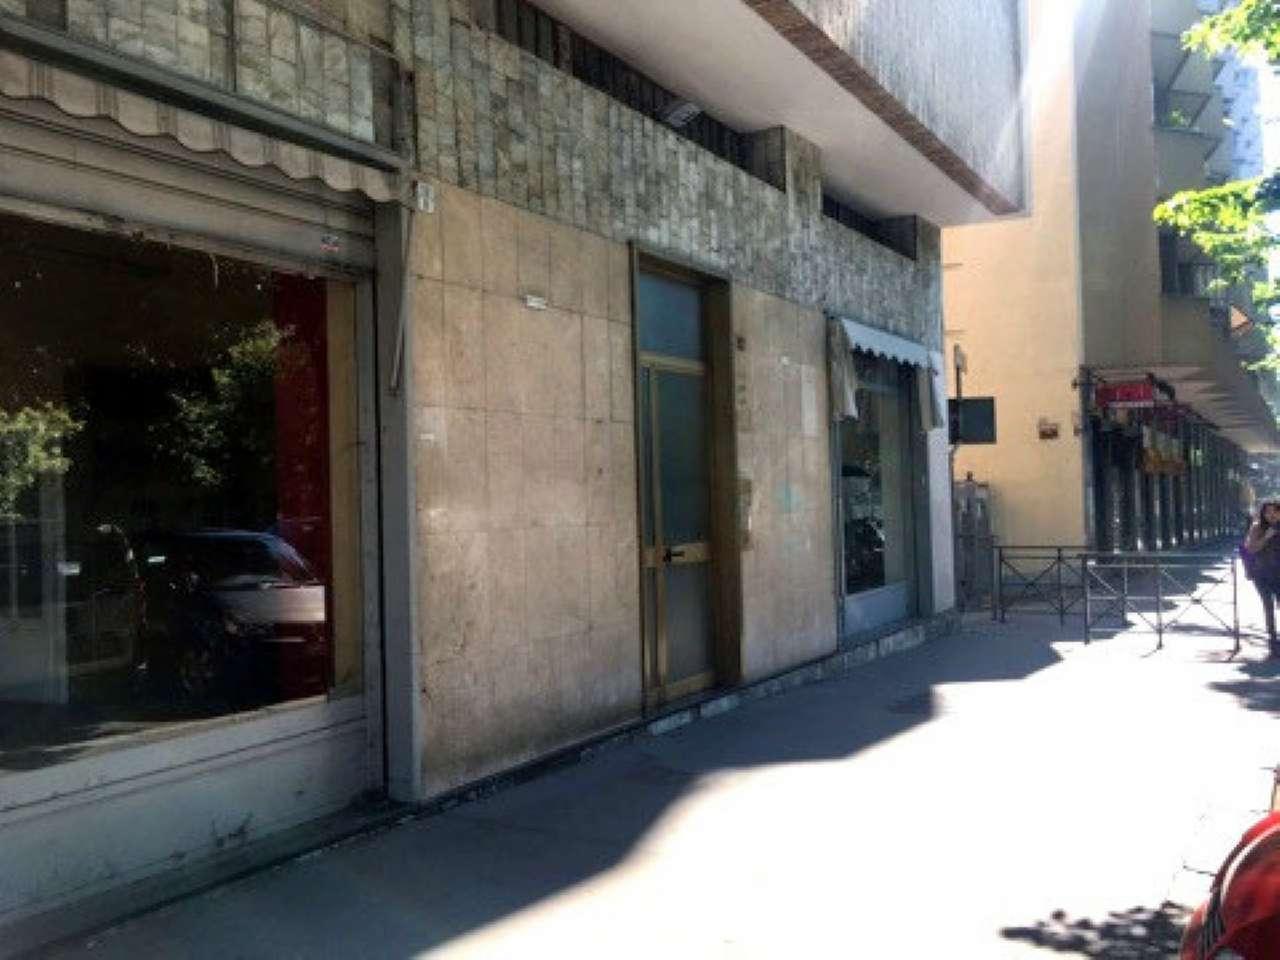 Immagine immobiliare VENDESI NEGOZIO ADIACENTE VIA MONTANARO PREZZO DI AFFARE Via Spontini 4C, quasi angolo via Montanaro, vendiamo negozio parzielmente da ristrutturare di 34 mq, 1 vetrina, locale unico, 1 bagno, doppi ingressi anche dal cortile con...